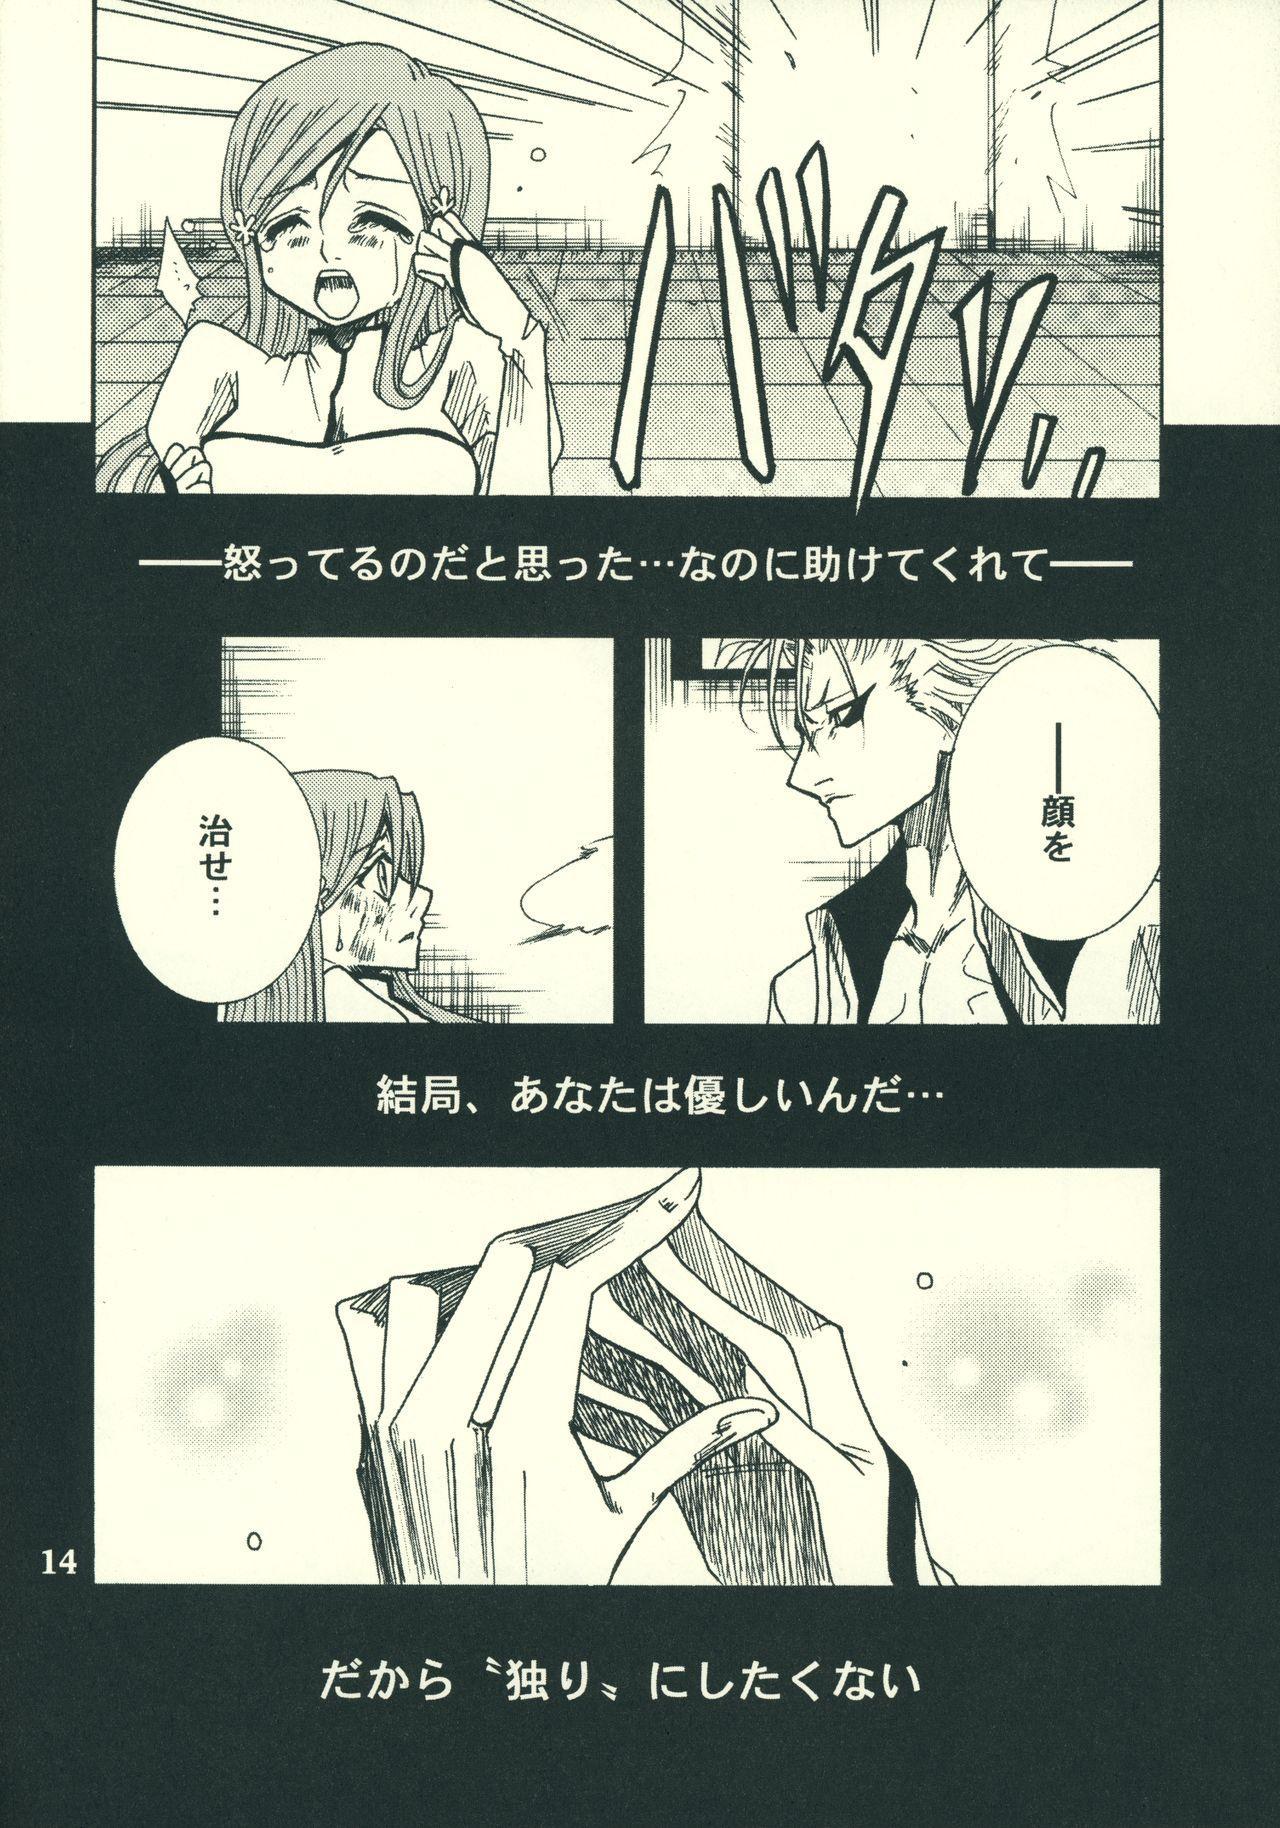 Shinjitsu no Kakera 12